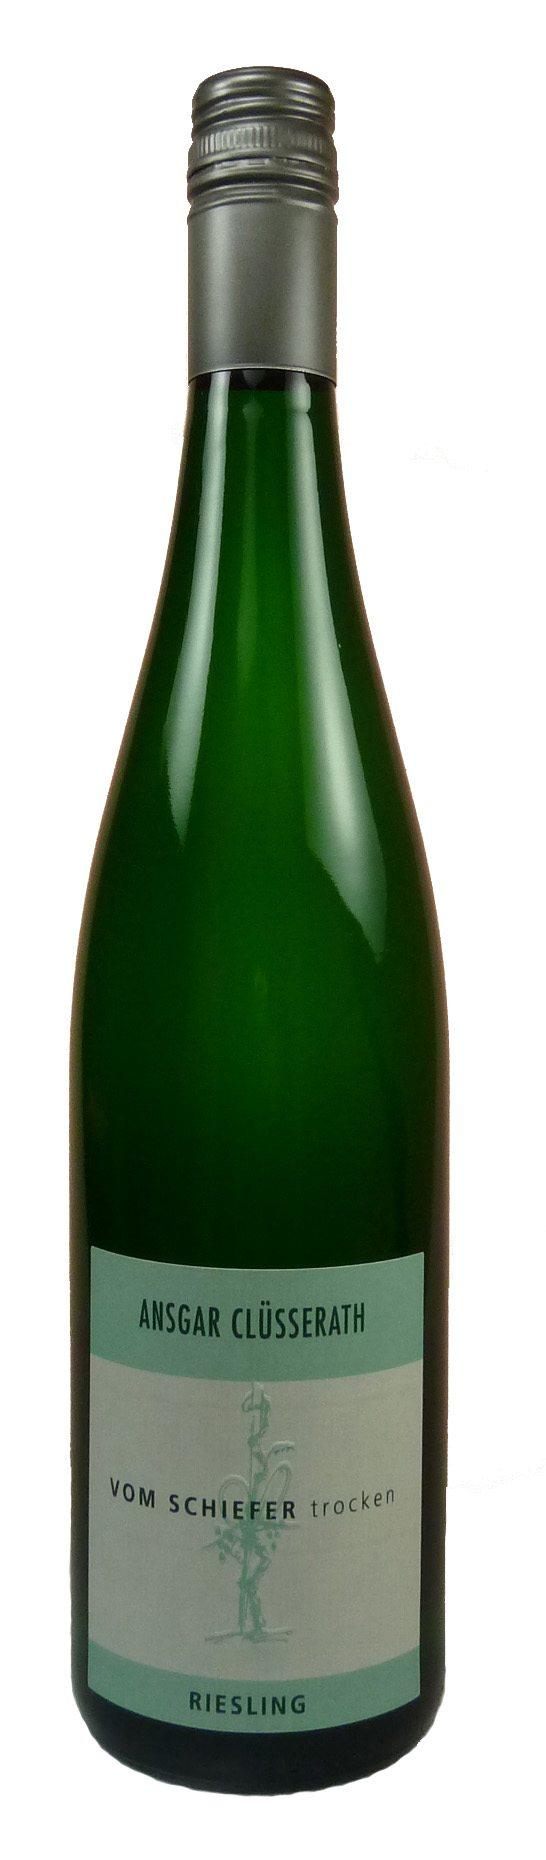 Vom Schiefer Riesling Qualitätswein trocken 2016